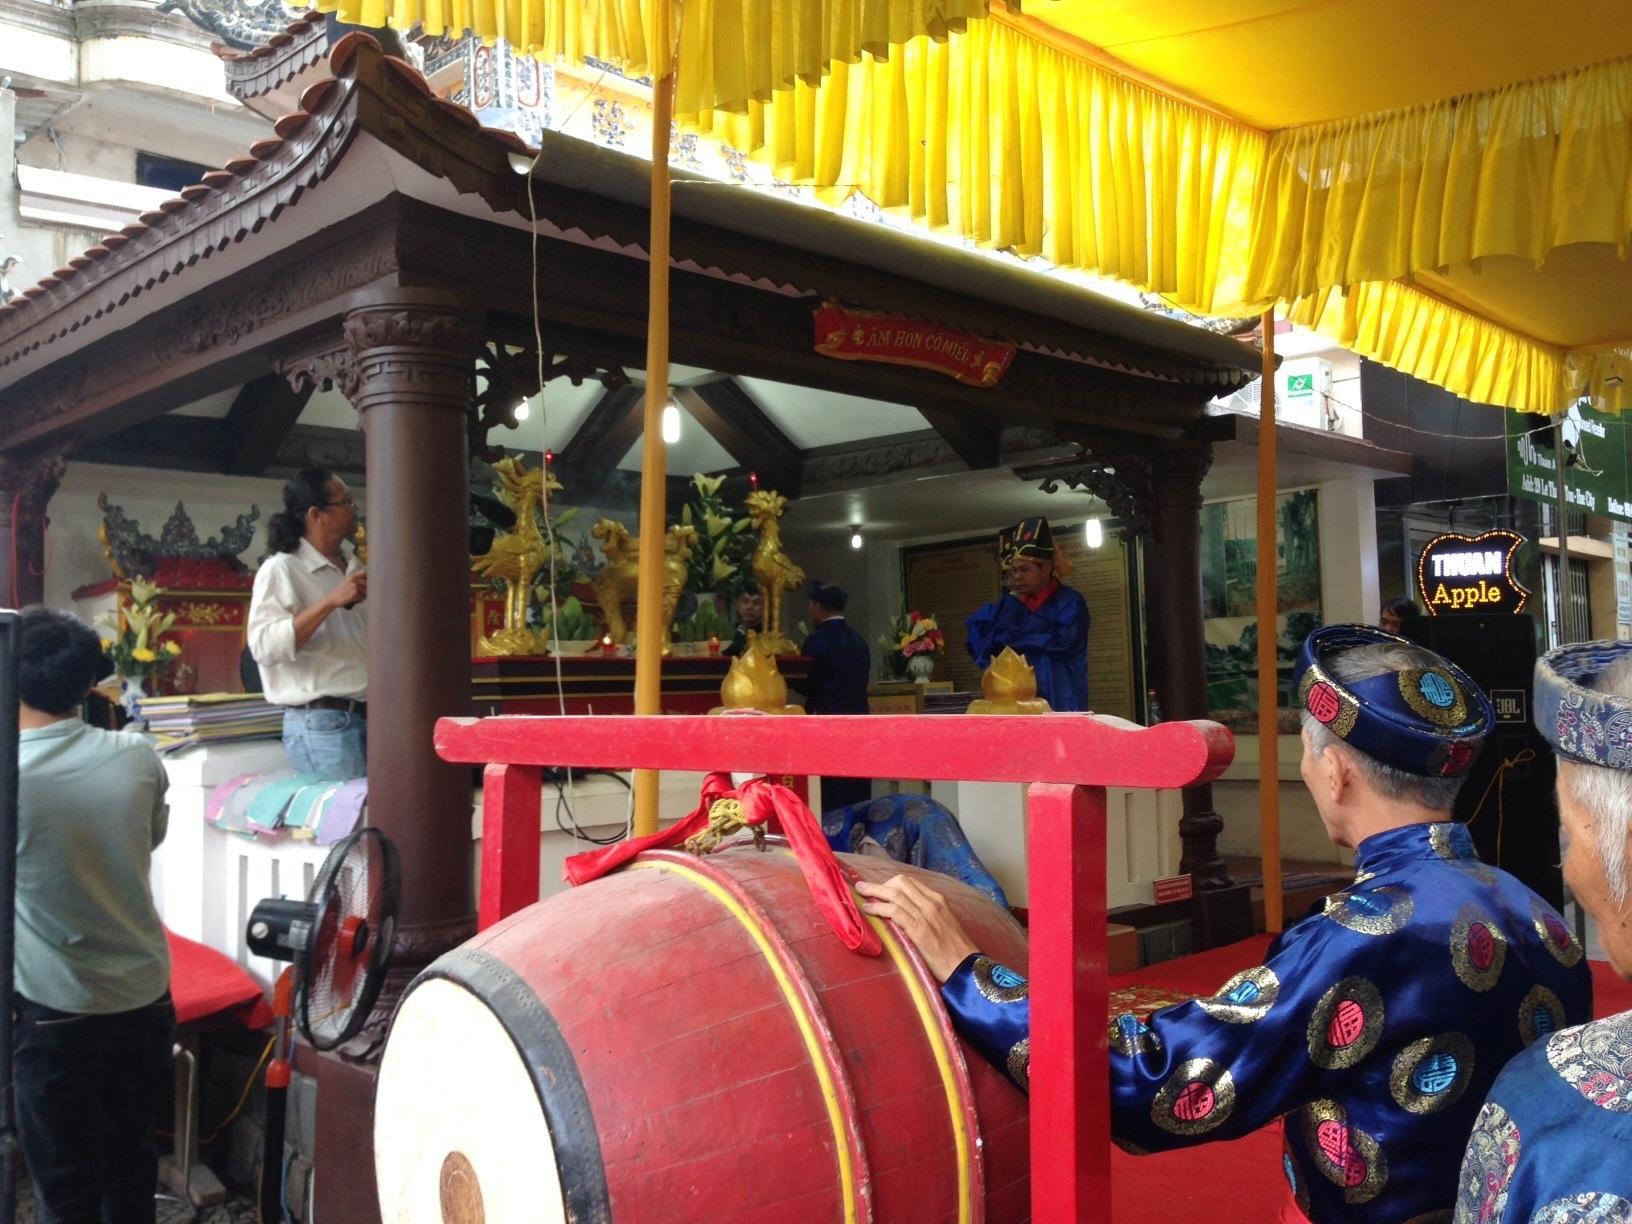 Lễ dâng hương tại miếu Âm Hồn được tổ chức một cách thành kính, trang nghiêm